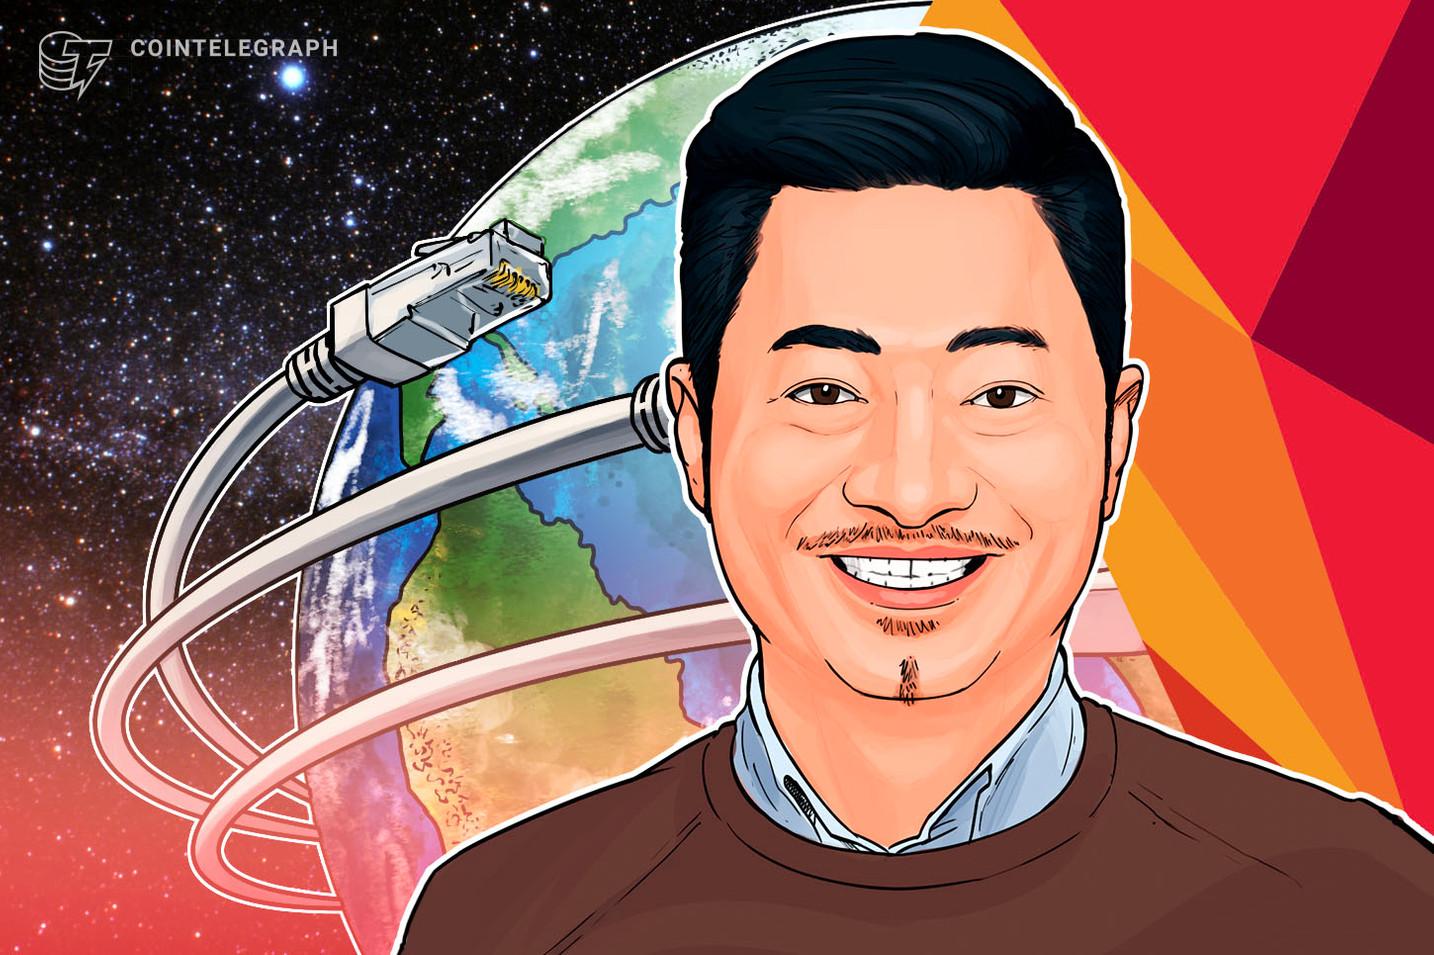 「インターネットは完ぺきではない」 NEO創設者ホンフェイ氏、分散型ウェブの必要性を強調【BlockShow】